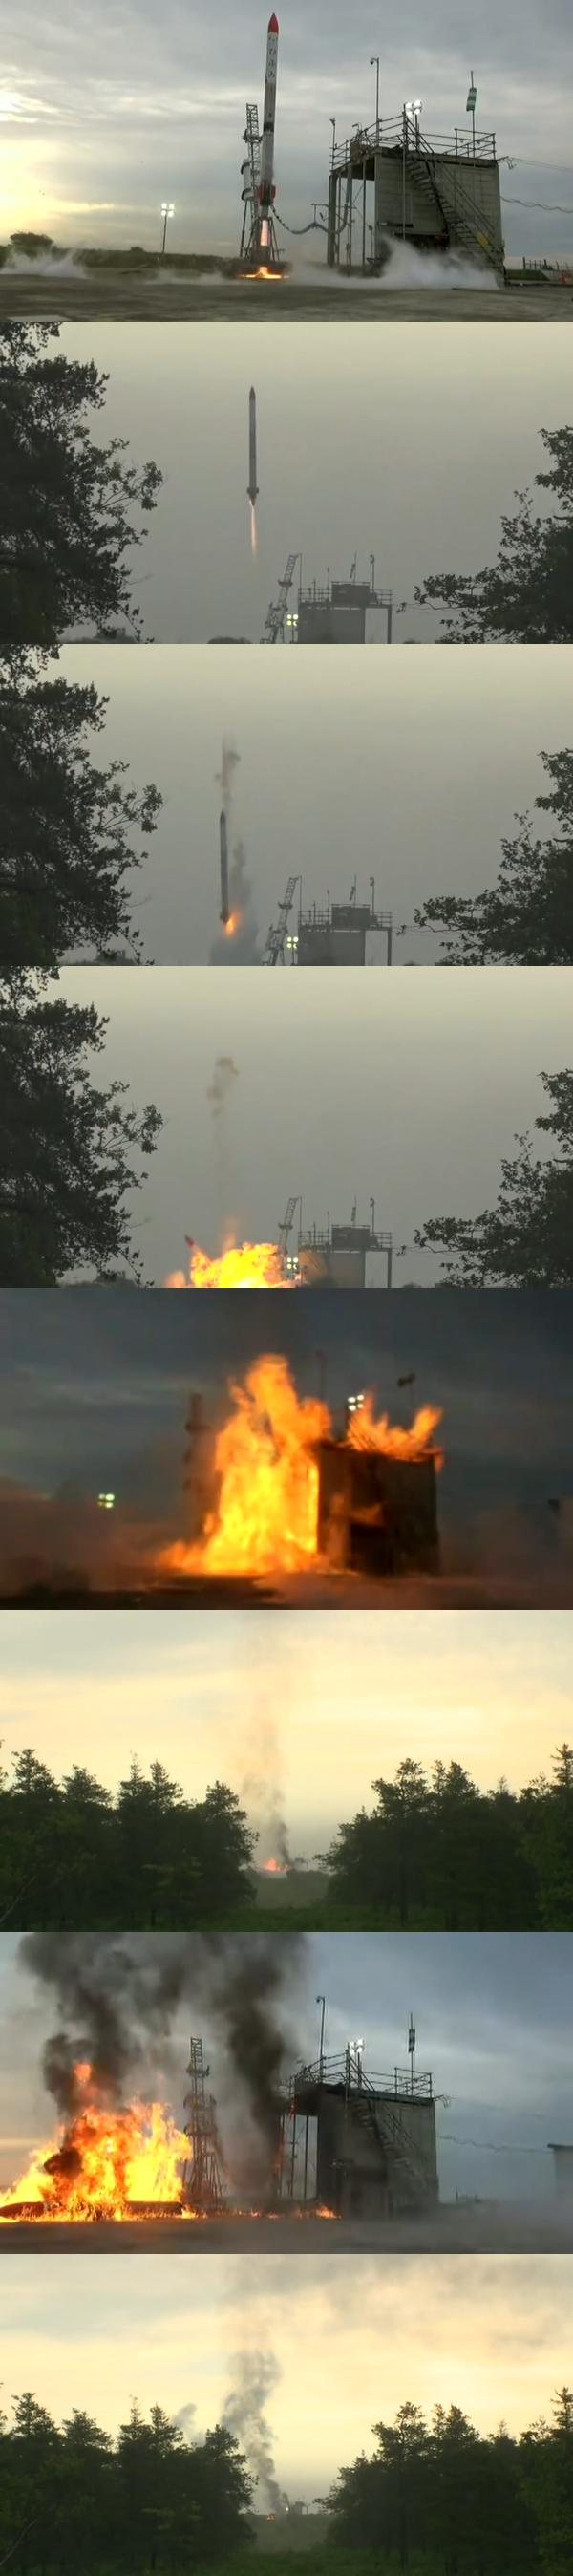 ホリエモンロケット大爆発